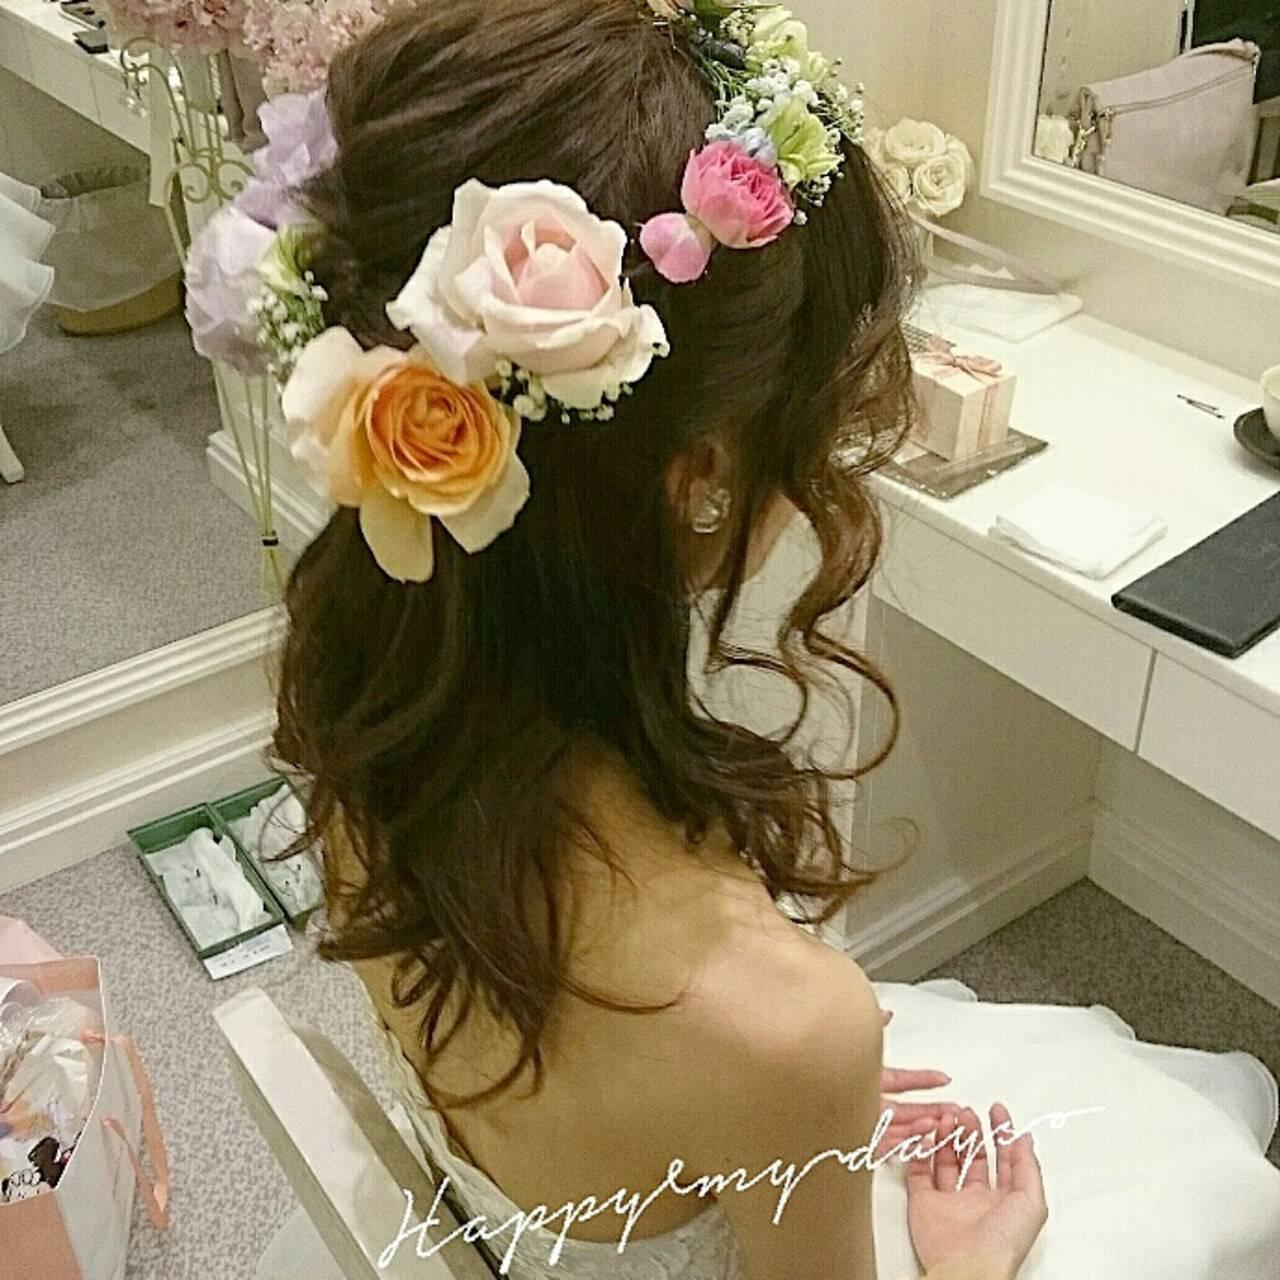 ヘアアレンジ ハーフアップ ブライダル ゆるふわヘアスタイルや髪型の写真・画像